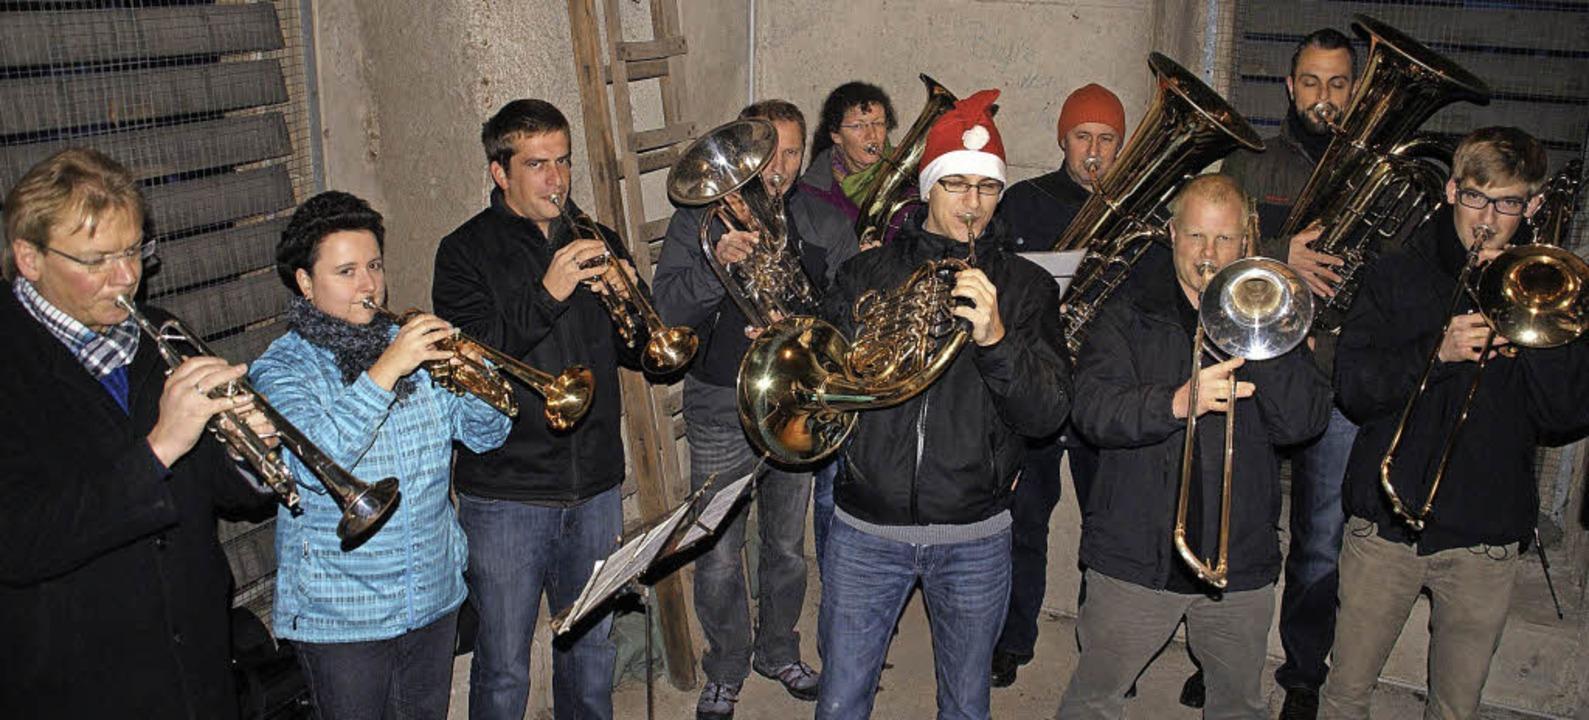 Eine Abordnung der Bad Säckinger Stadt...s Publikum mit traditionellen Klängen.  | Foto: Hrvoje Miloslavic (2), Aloisia Zell